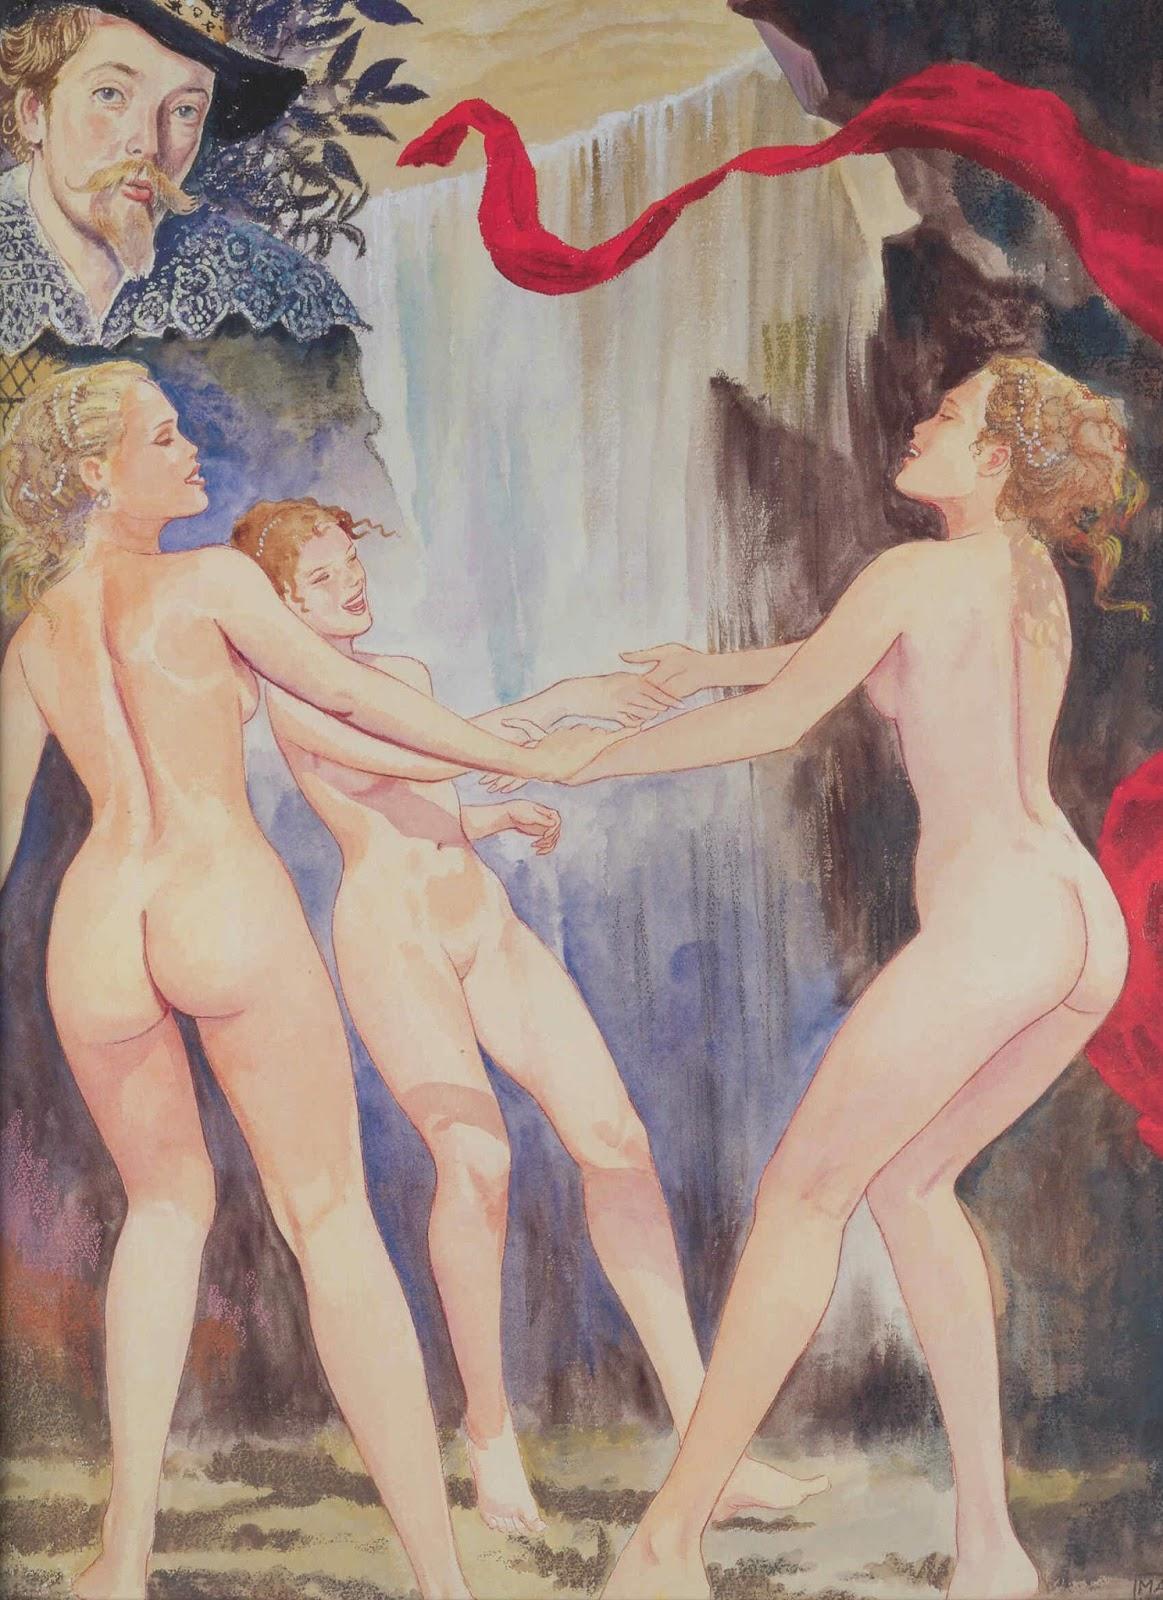 nebolshie-eroticheskie-syuzheti